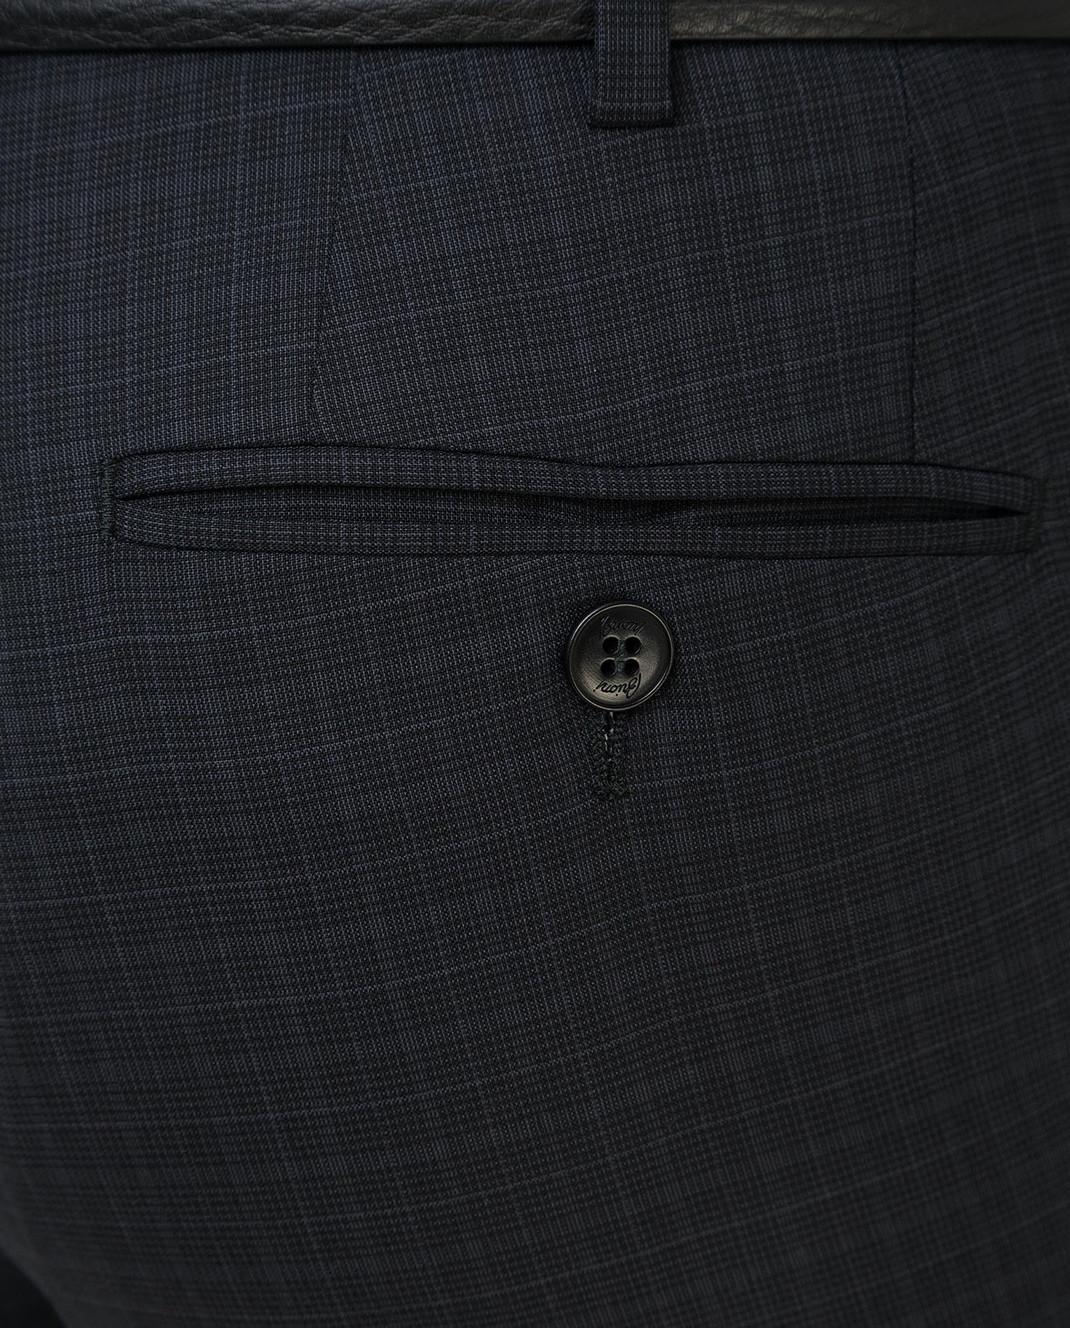 Brioni Темно-серые брюки из шерсти RPL80LP5A71 изображение 5